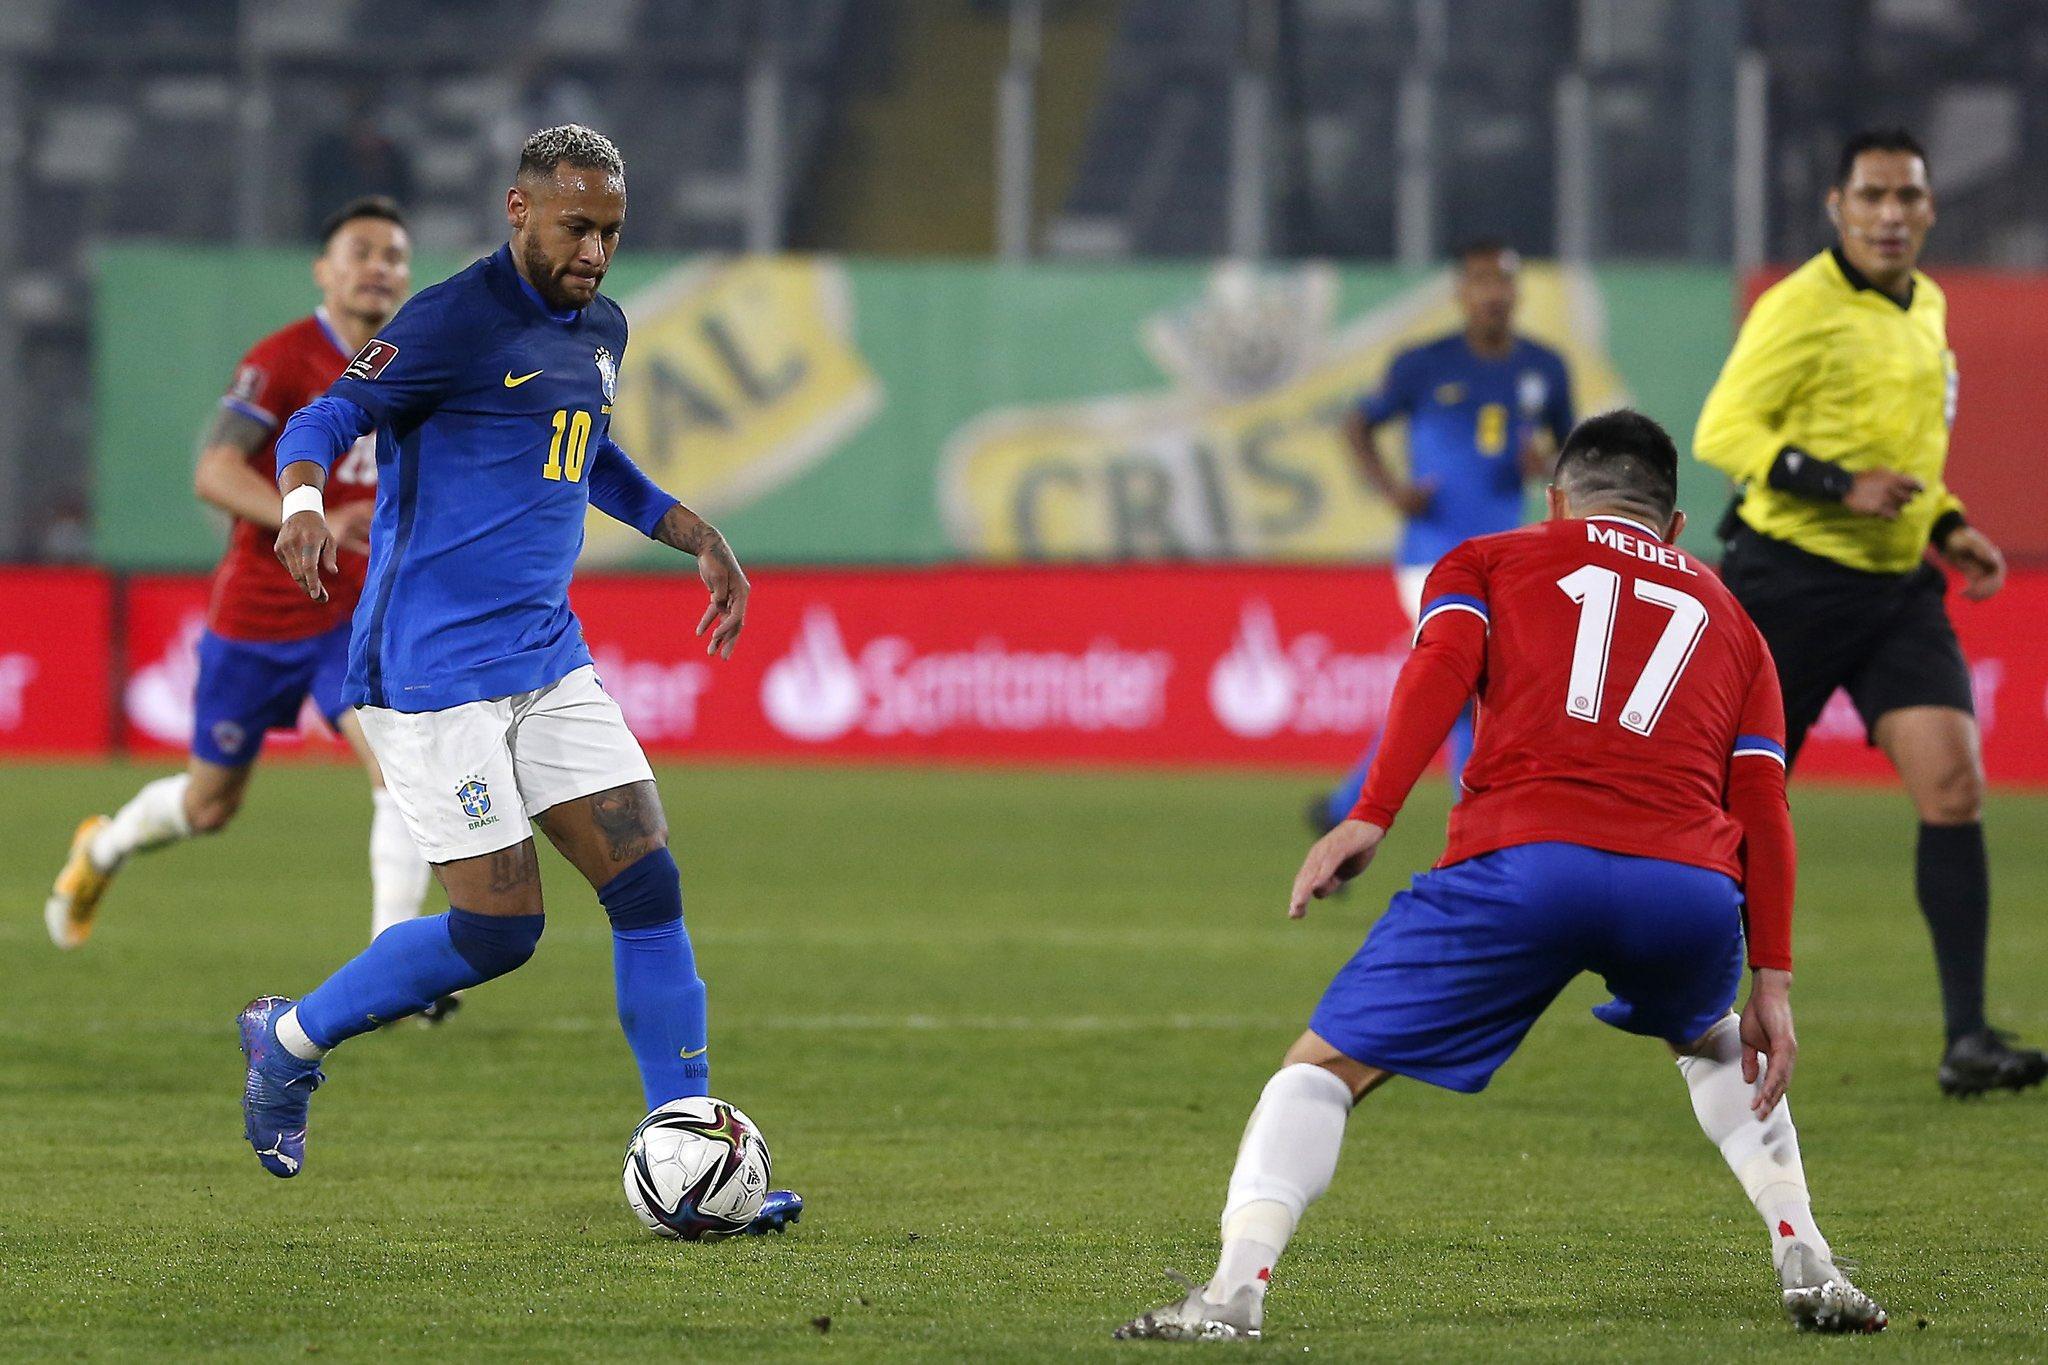 منتخب البرازيل يحقق الفوز على تشيلي بهدف نظيف دون رد